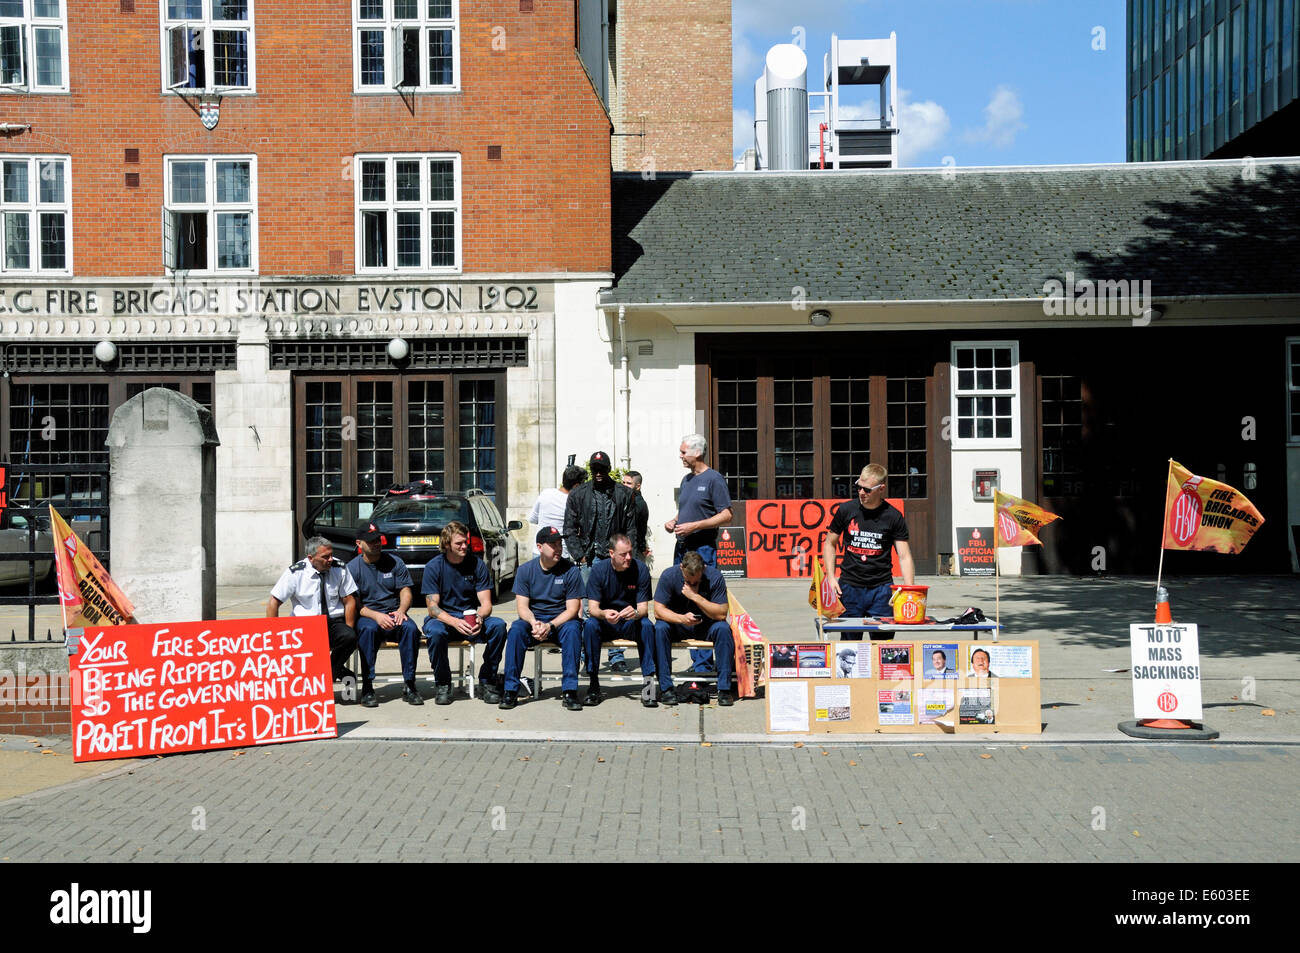 Vigili del fuoco impressionanti sulla linea del picket fuori dalla stazione dei vigili del fuoco Euston Road Central London, England Britain UK Sabato 9 agosto 2014 Foto Stock